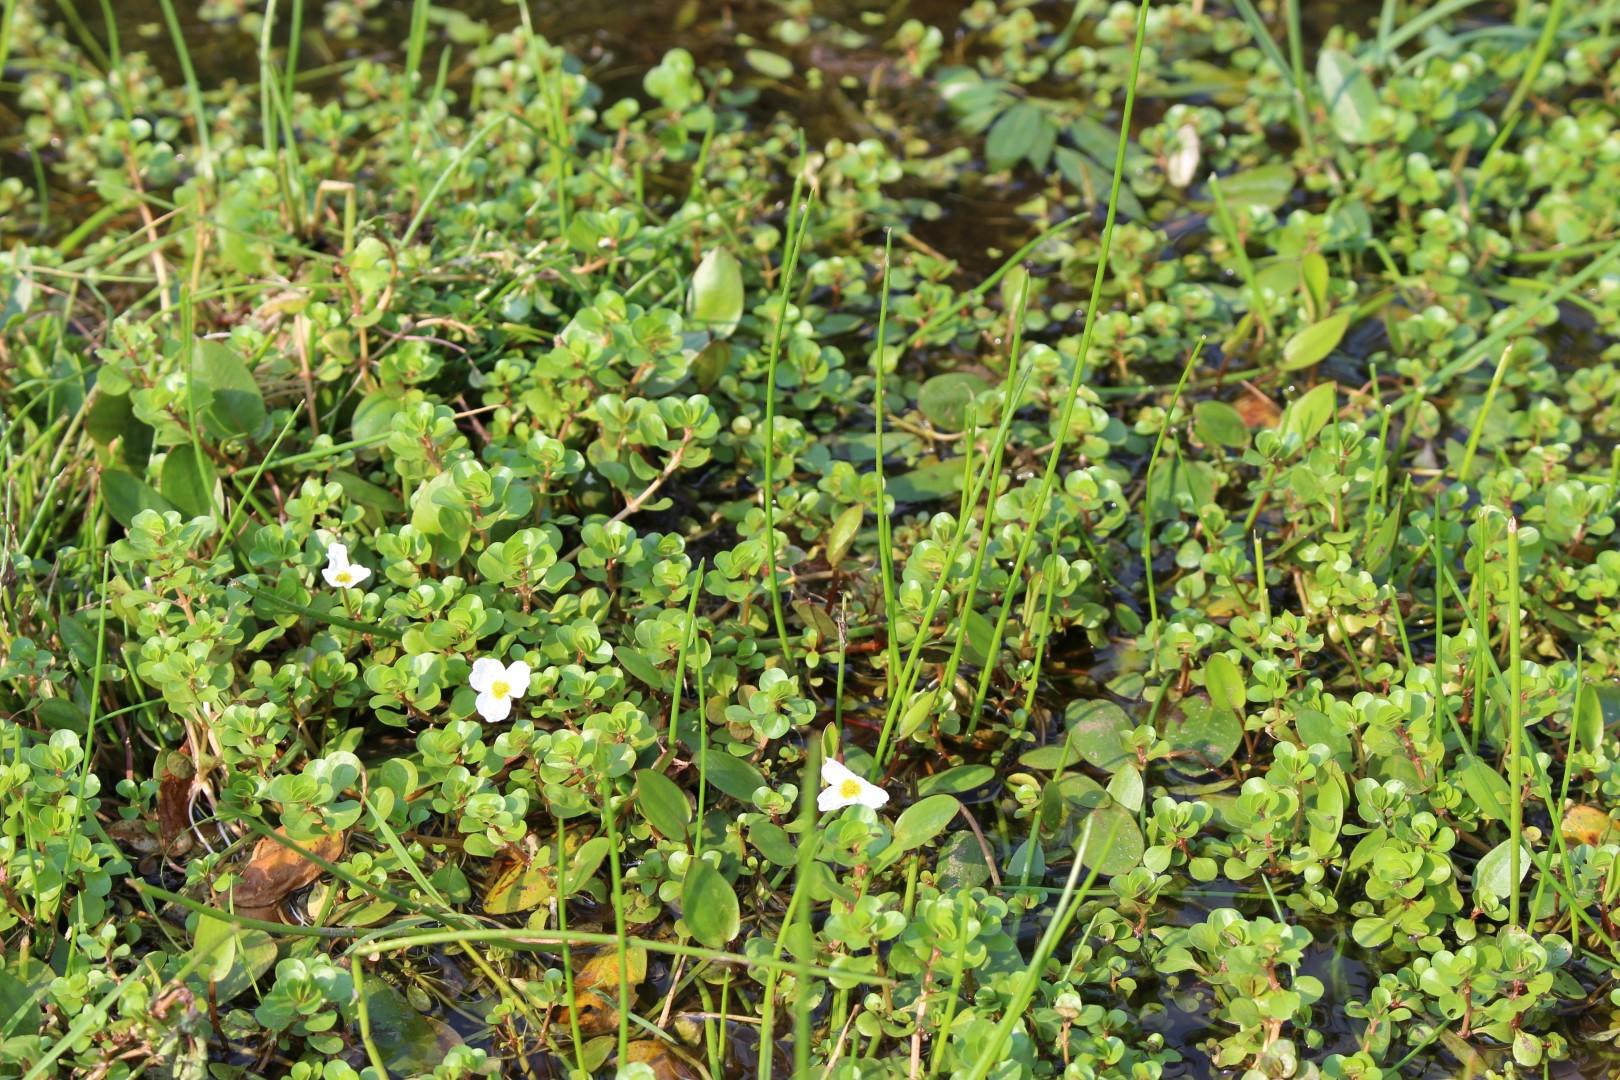 In den nährstoffarmen Gewässern wächst das weißblühende Froschkraut. Die Art ist sehr selten. (Foto: C. Marien)